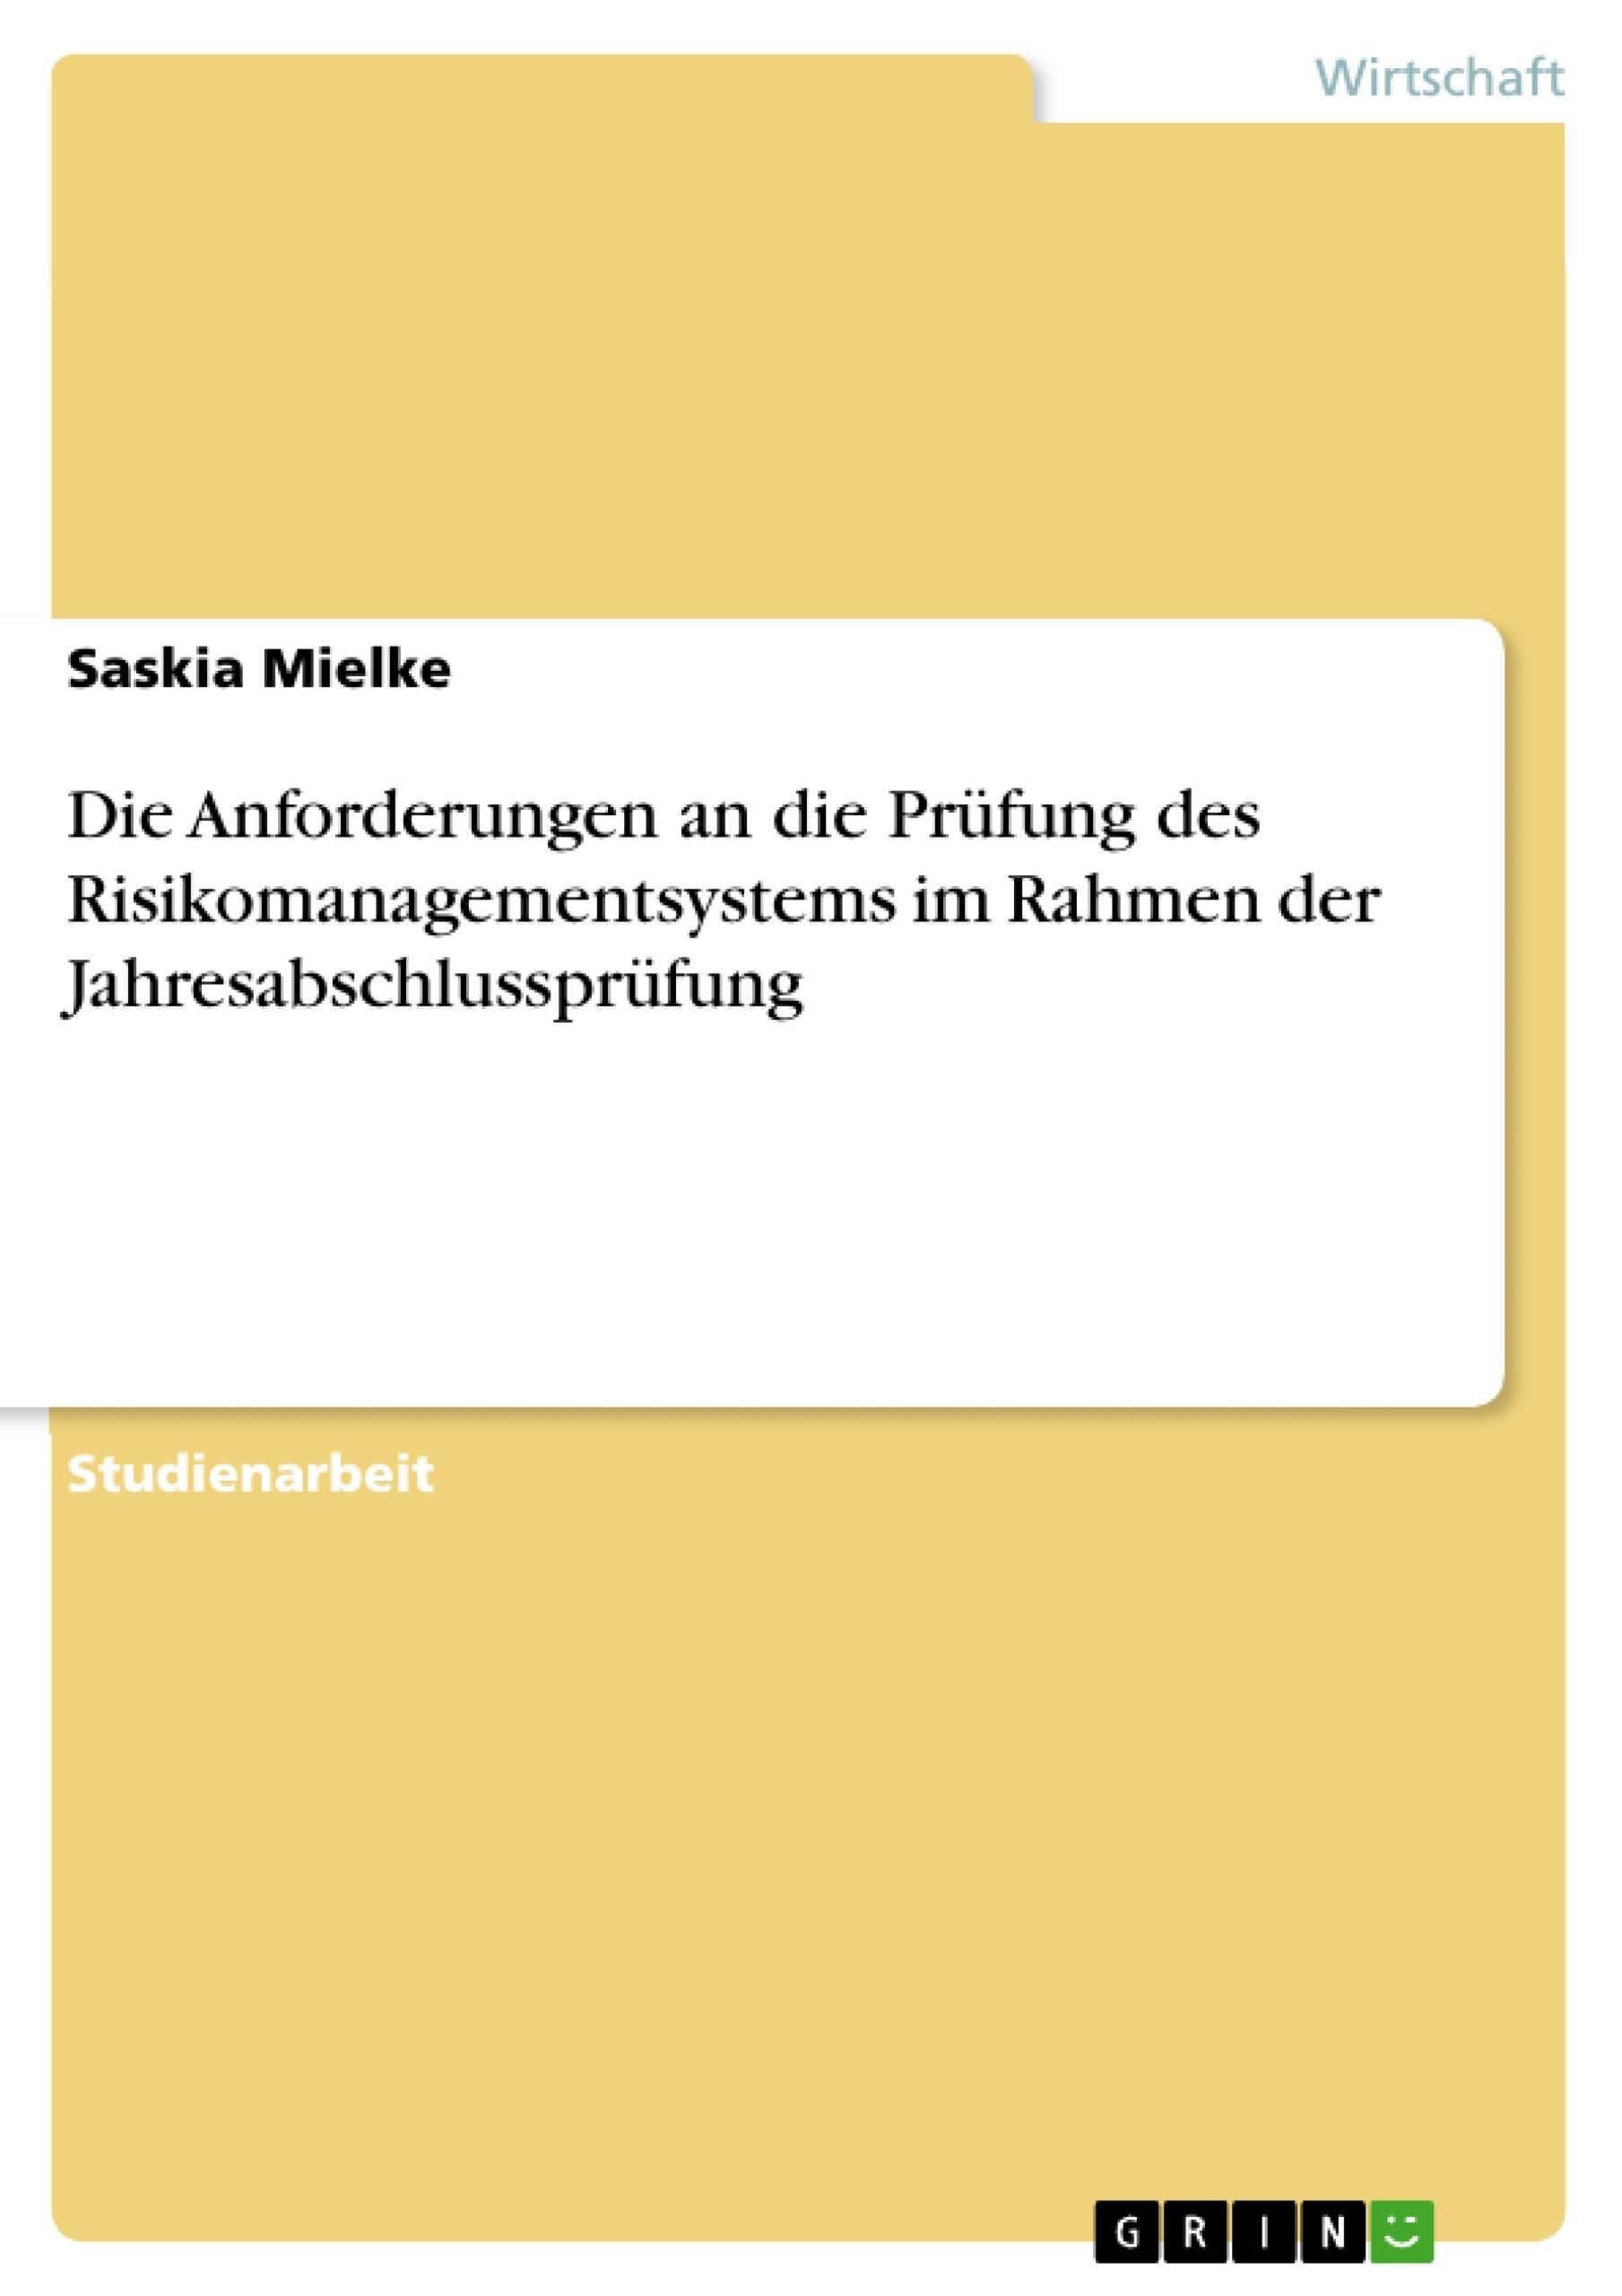 Titel: Die Anforderungen an die Prüfung des Risikomanagementsystems im Rahmen der Jahresabschlussprüfung